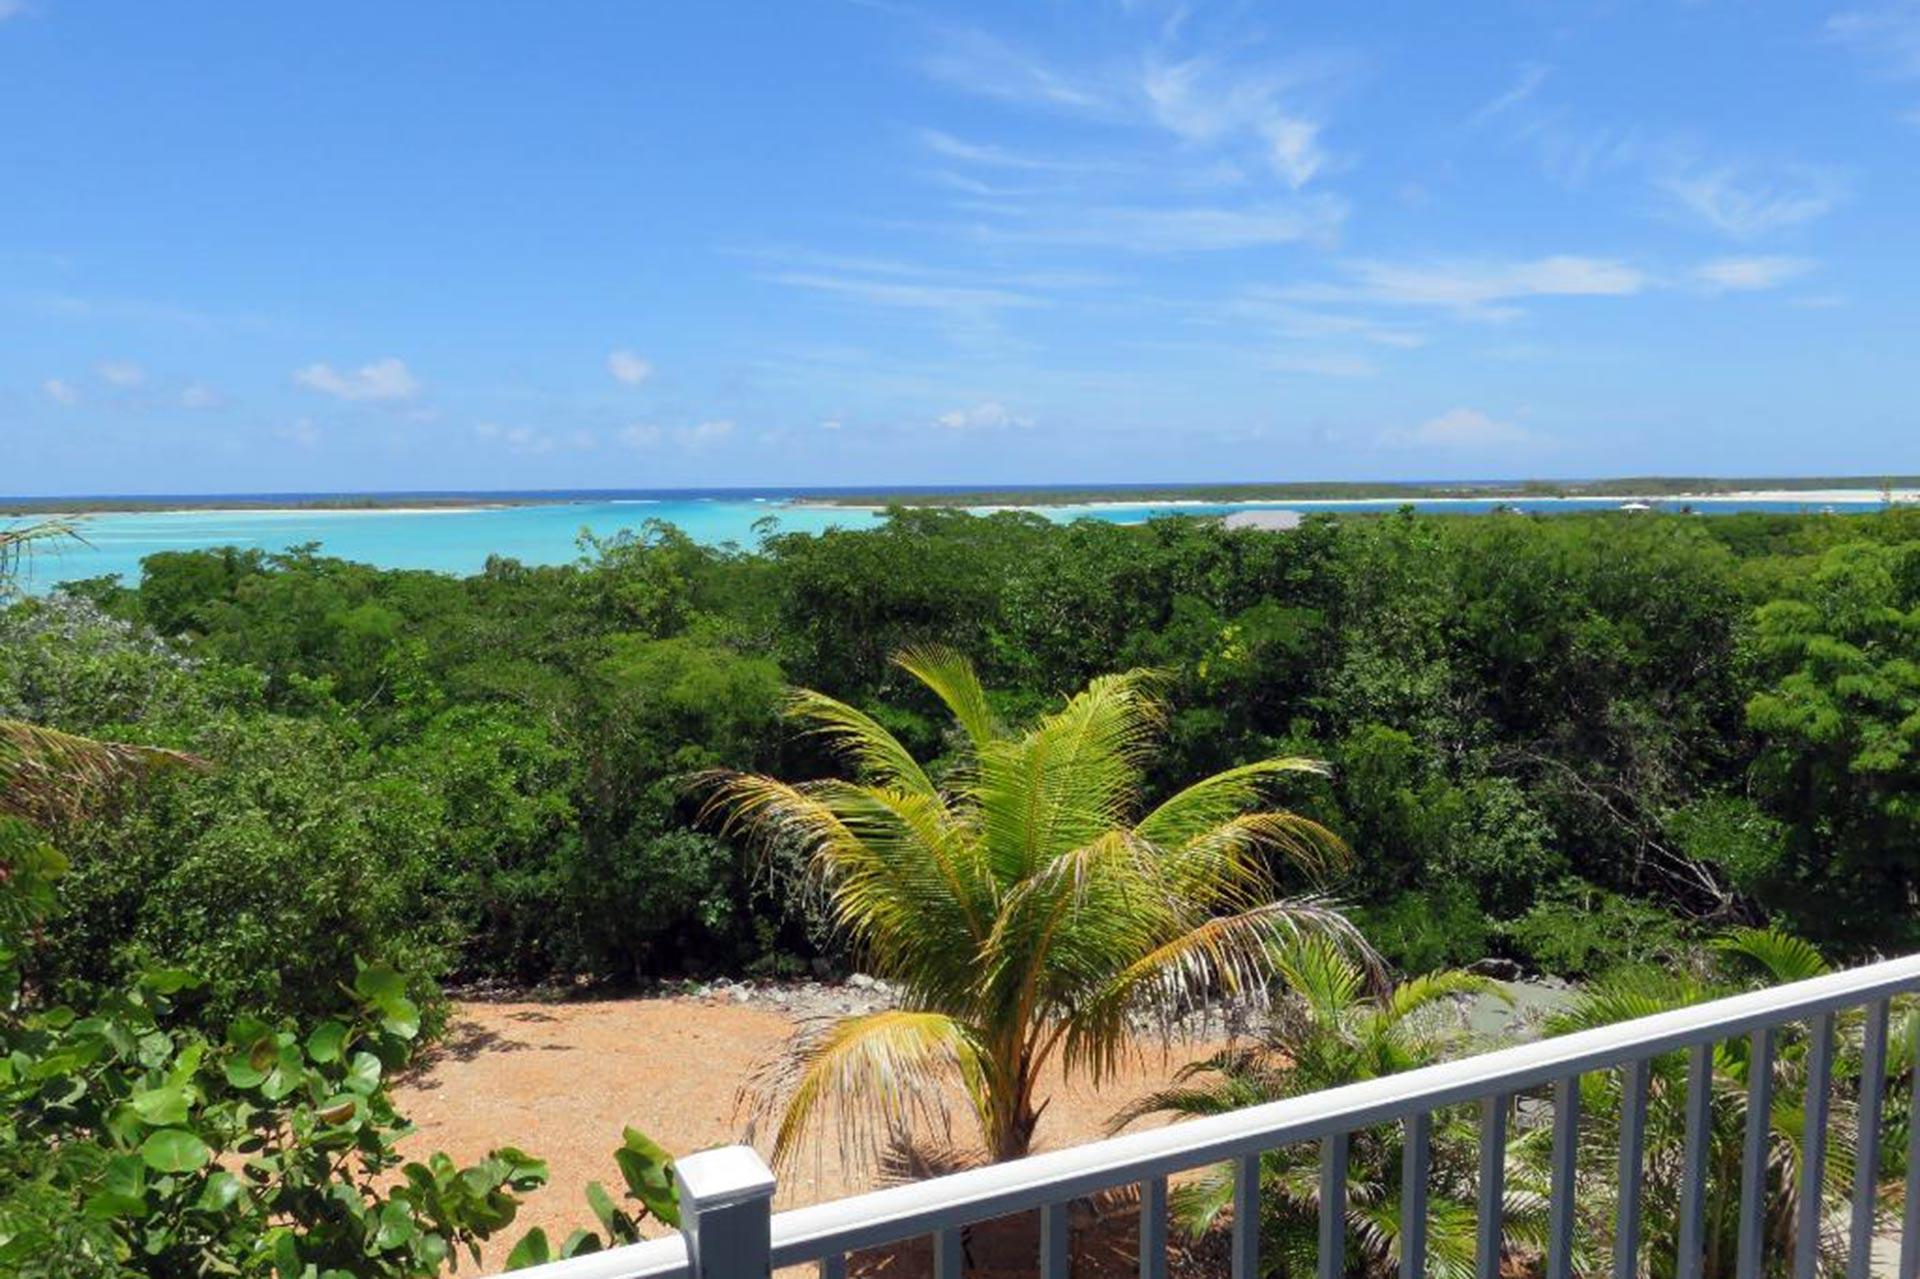 Harbor Breeze Villas in the Bahamas; Photo Courtesy of a TripAdvisor Traveler/Gisel-Mdq